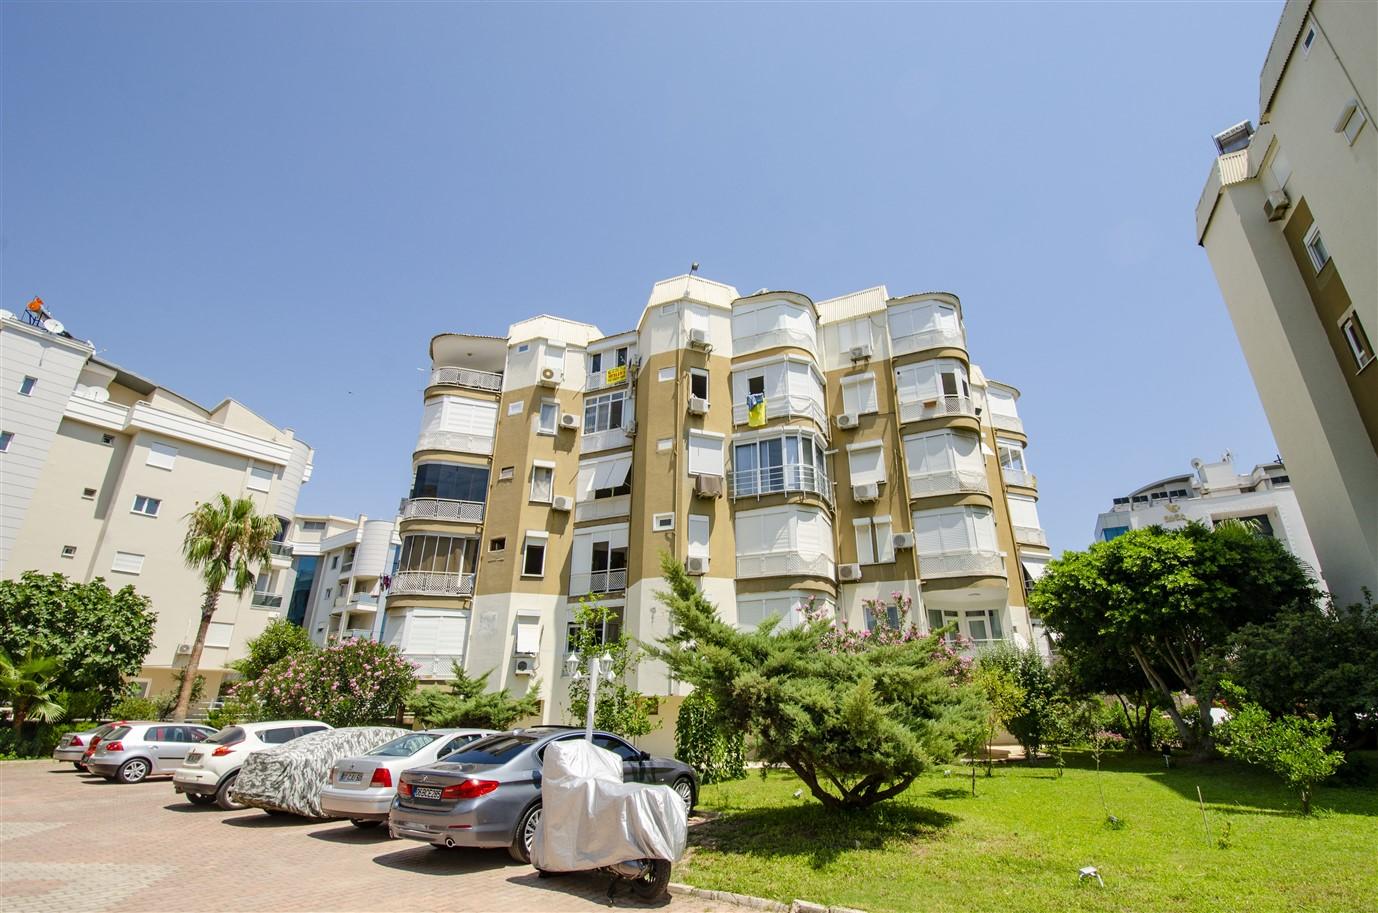 Трёхкомнатная квартира в микрорайоне Лиман Анталья - Фото 8